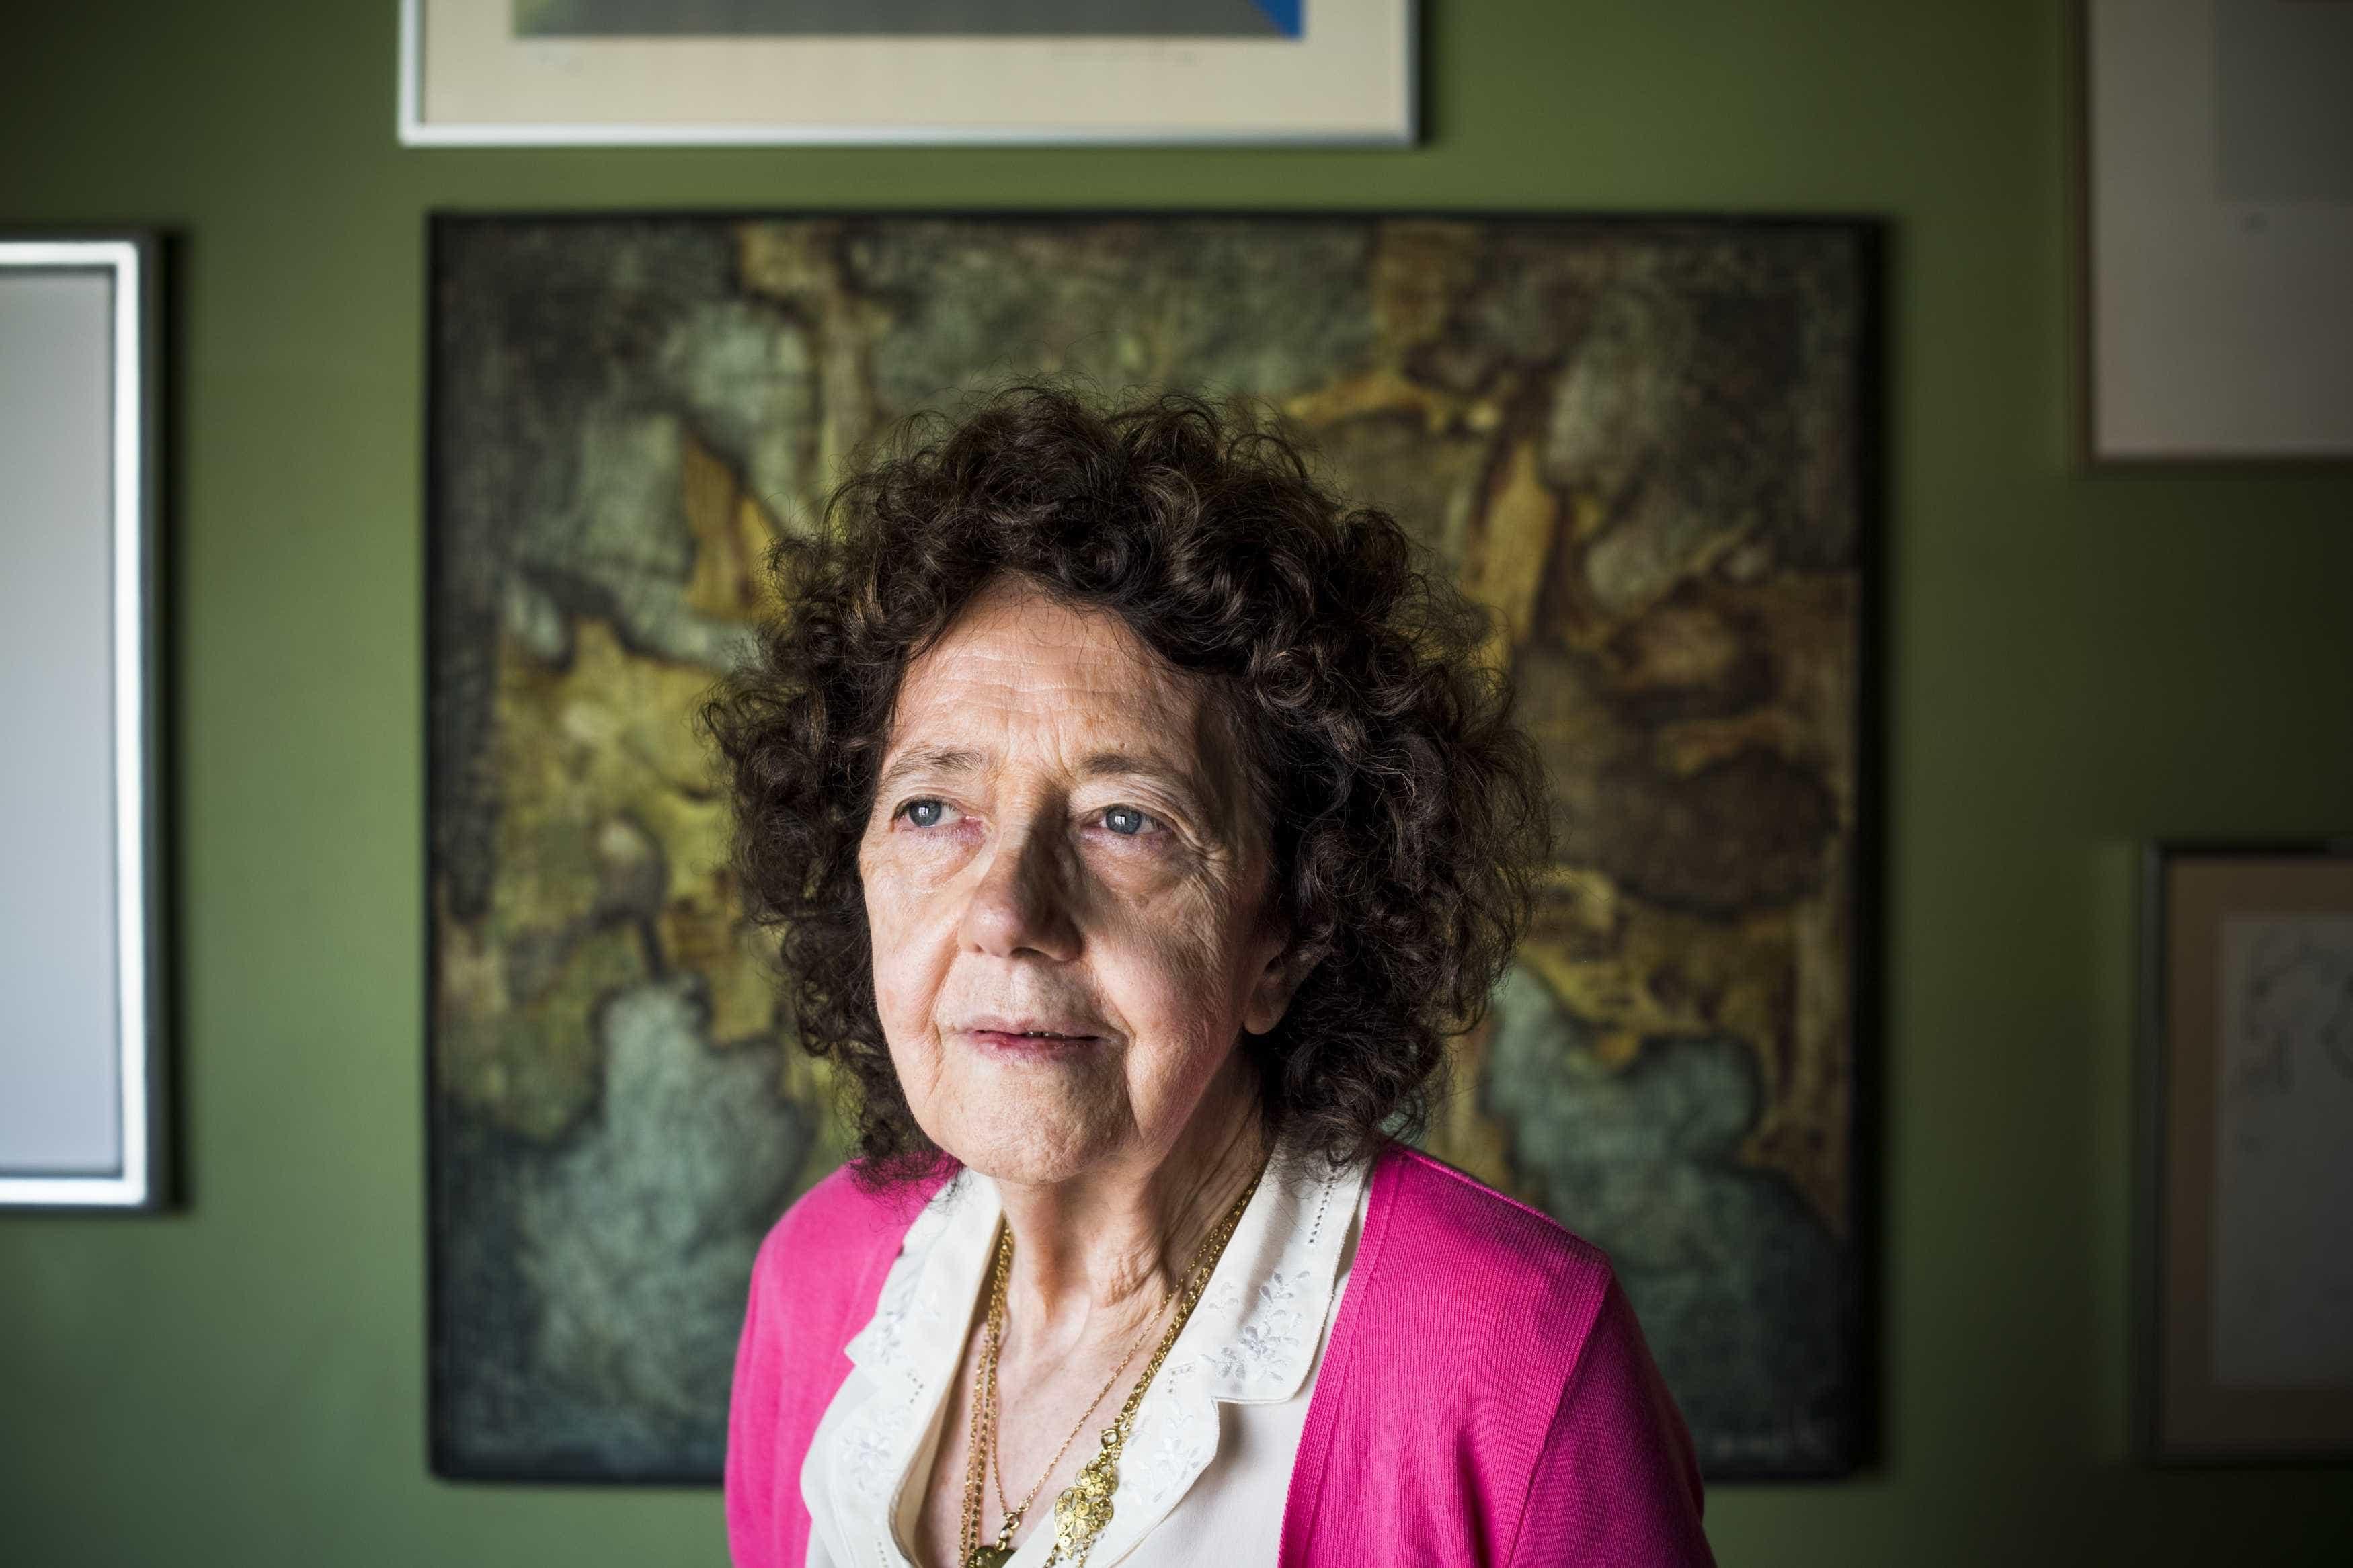 'Estranhezas' de Maria Teresa Horta é apresentado na próxima quinta-feira